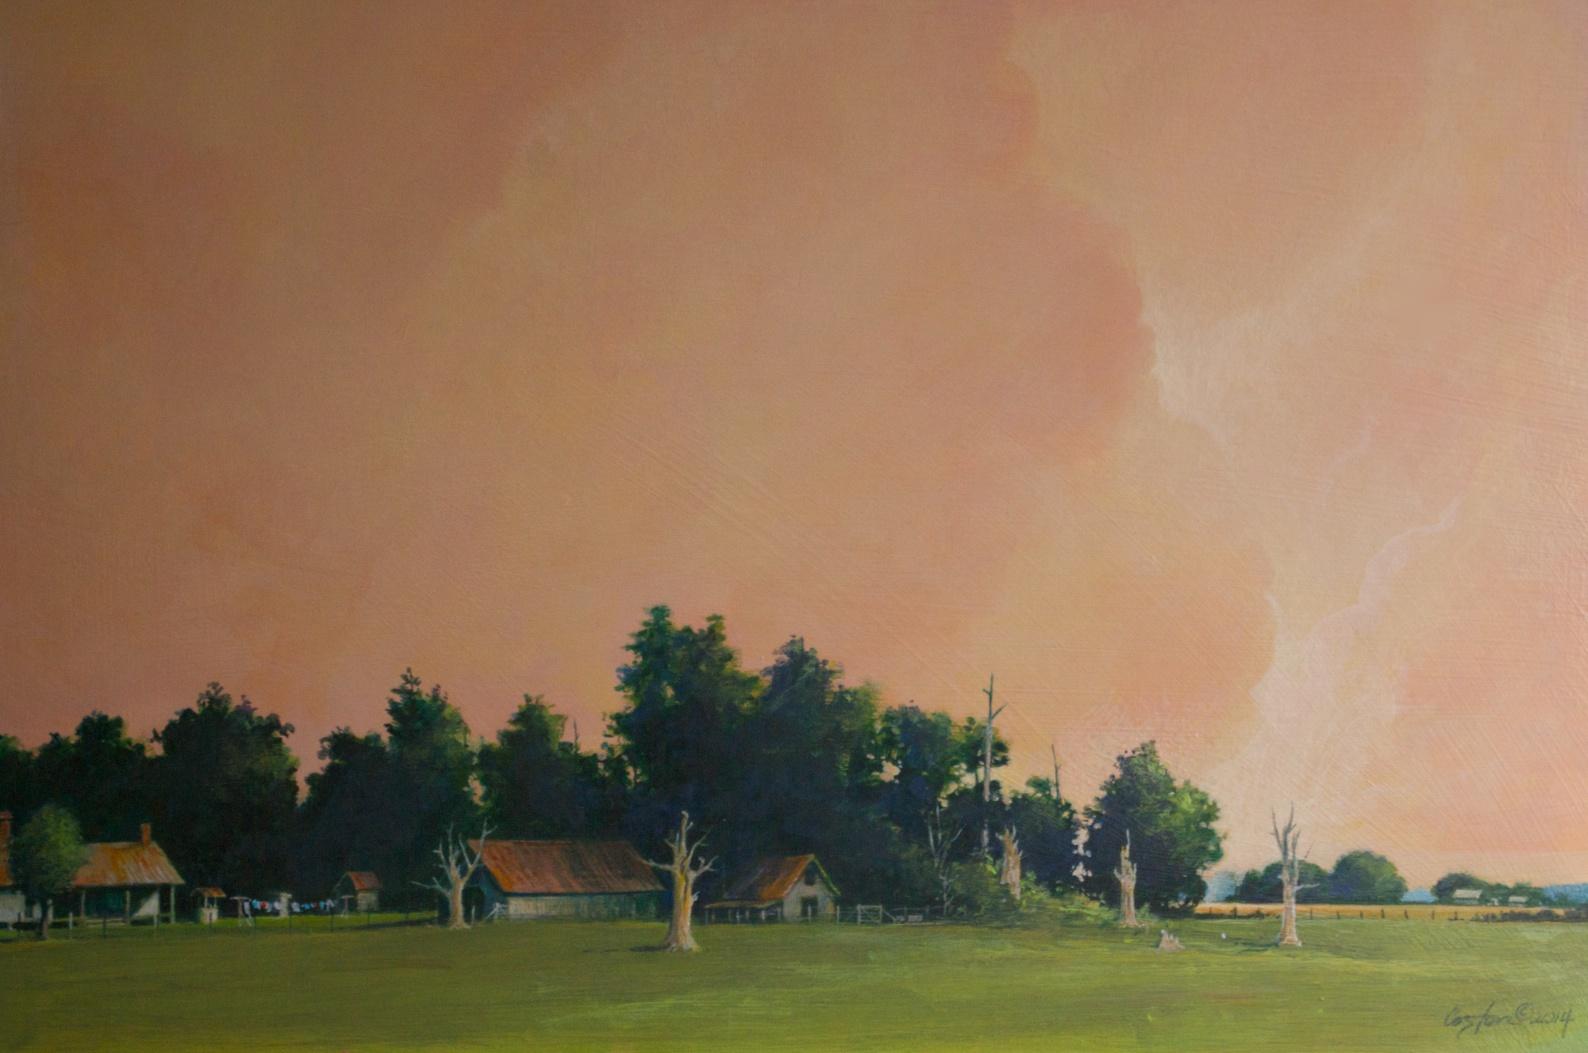 Edge of the Slough, Daniel Coston, 2014